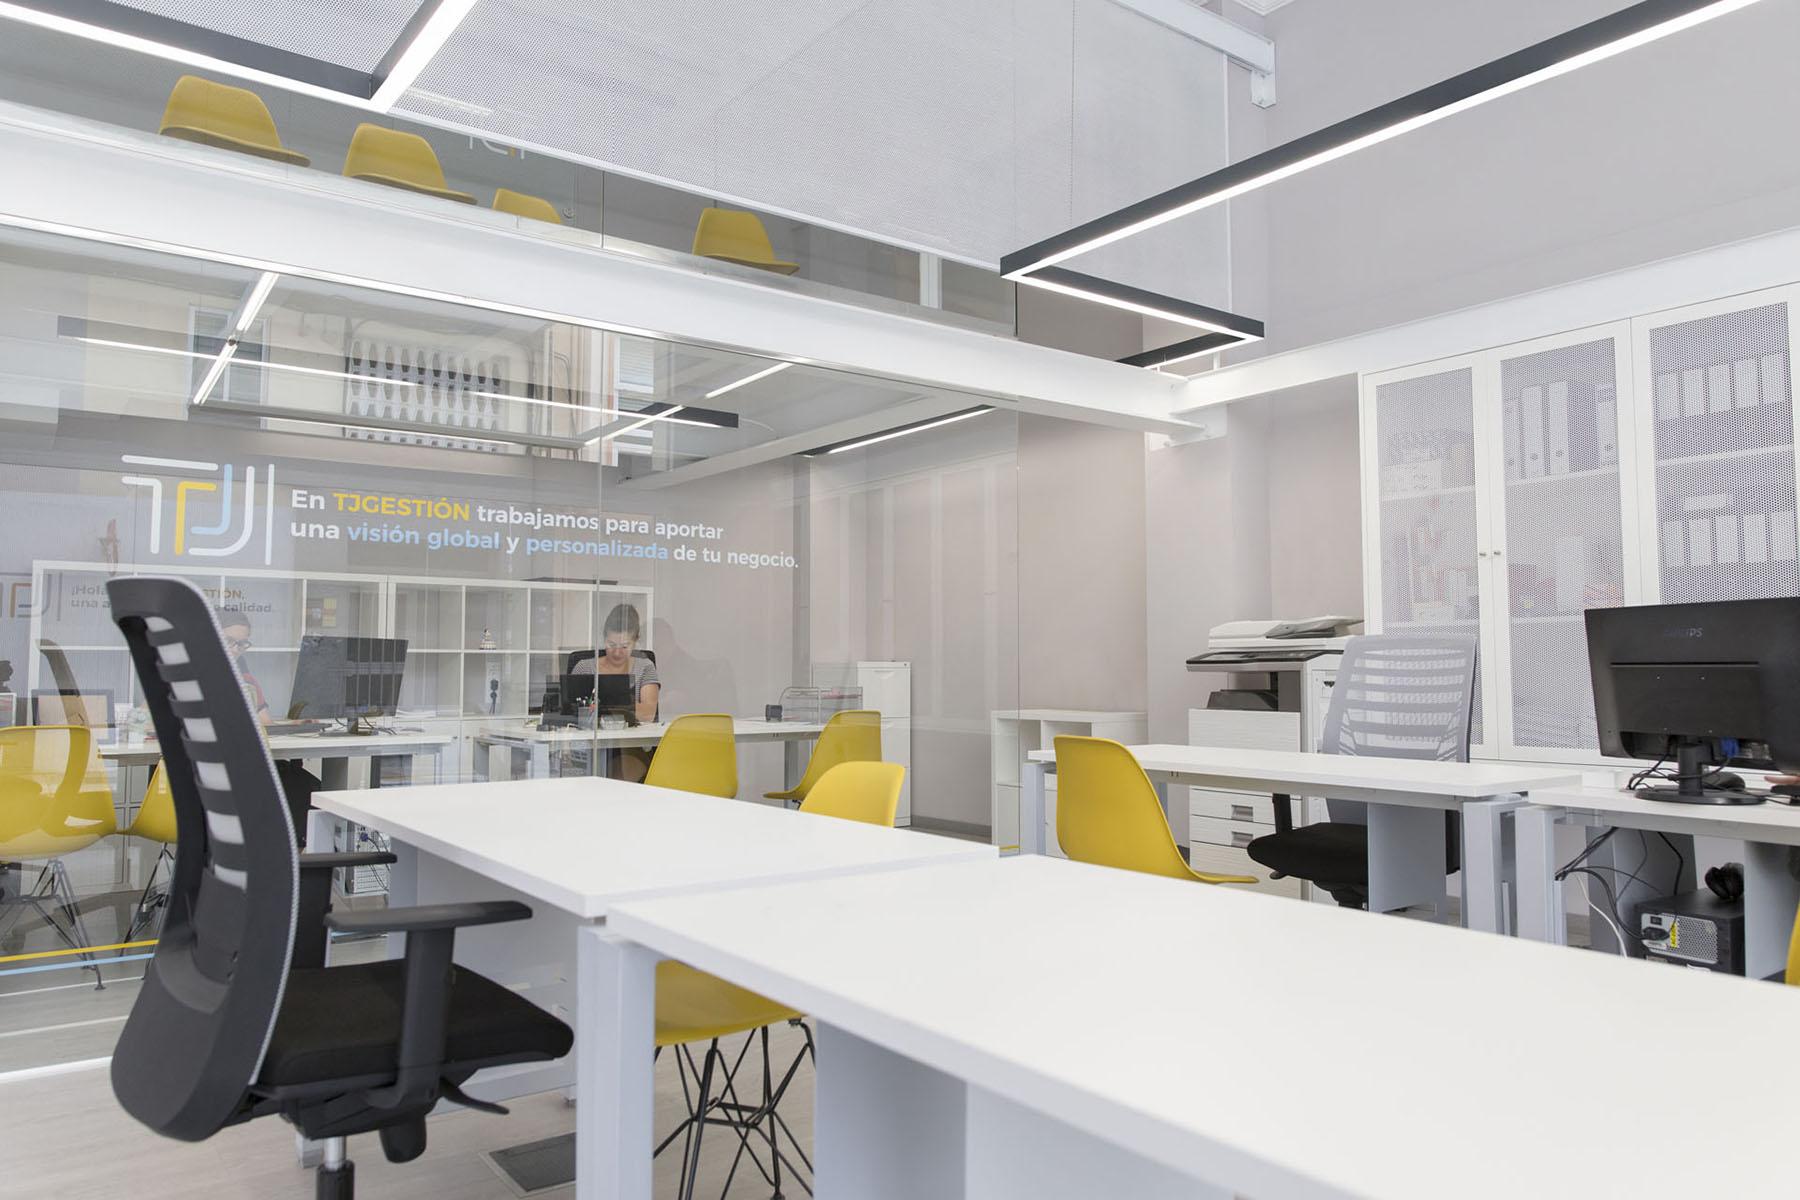 La chapa microperforada permite generar privacidad en la sala de reuniones